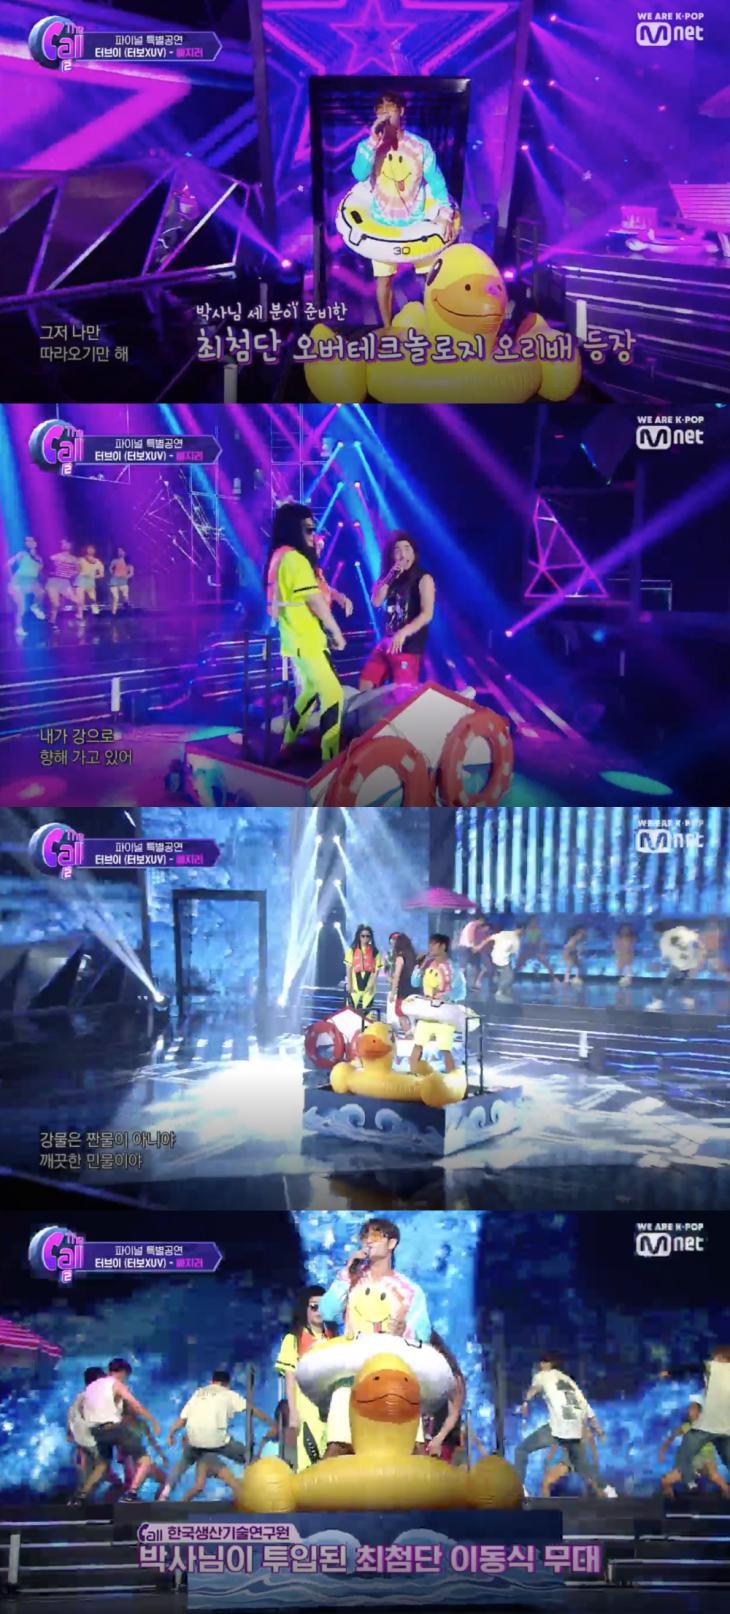 Mnet '더콜2' 방송 캡처